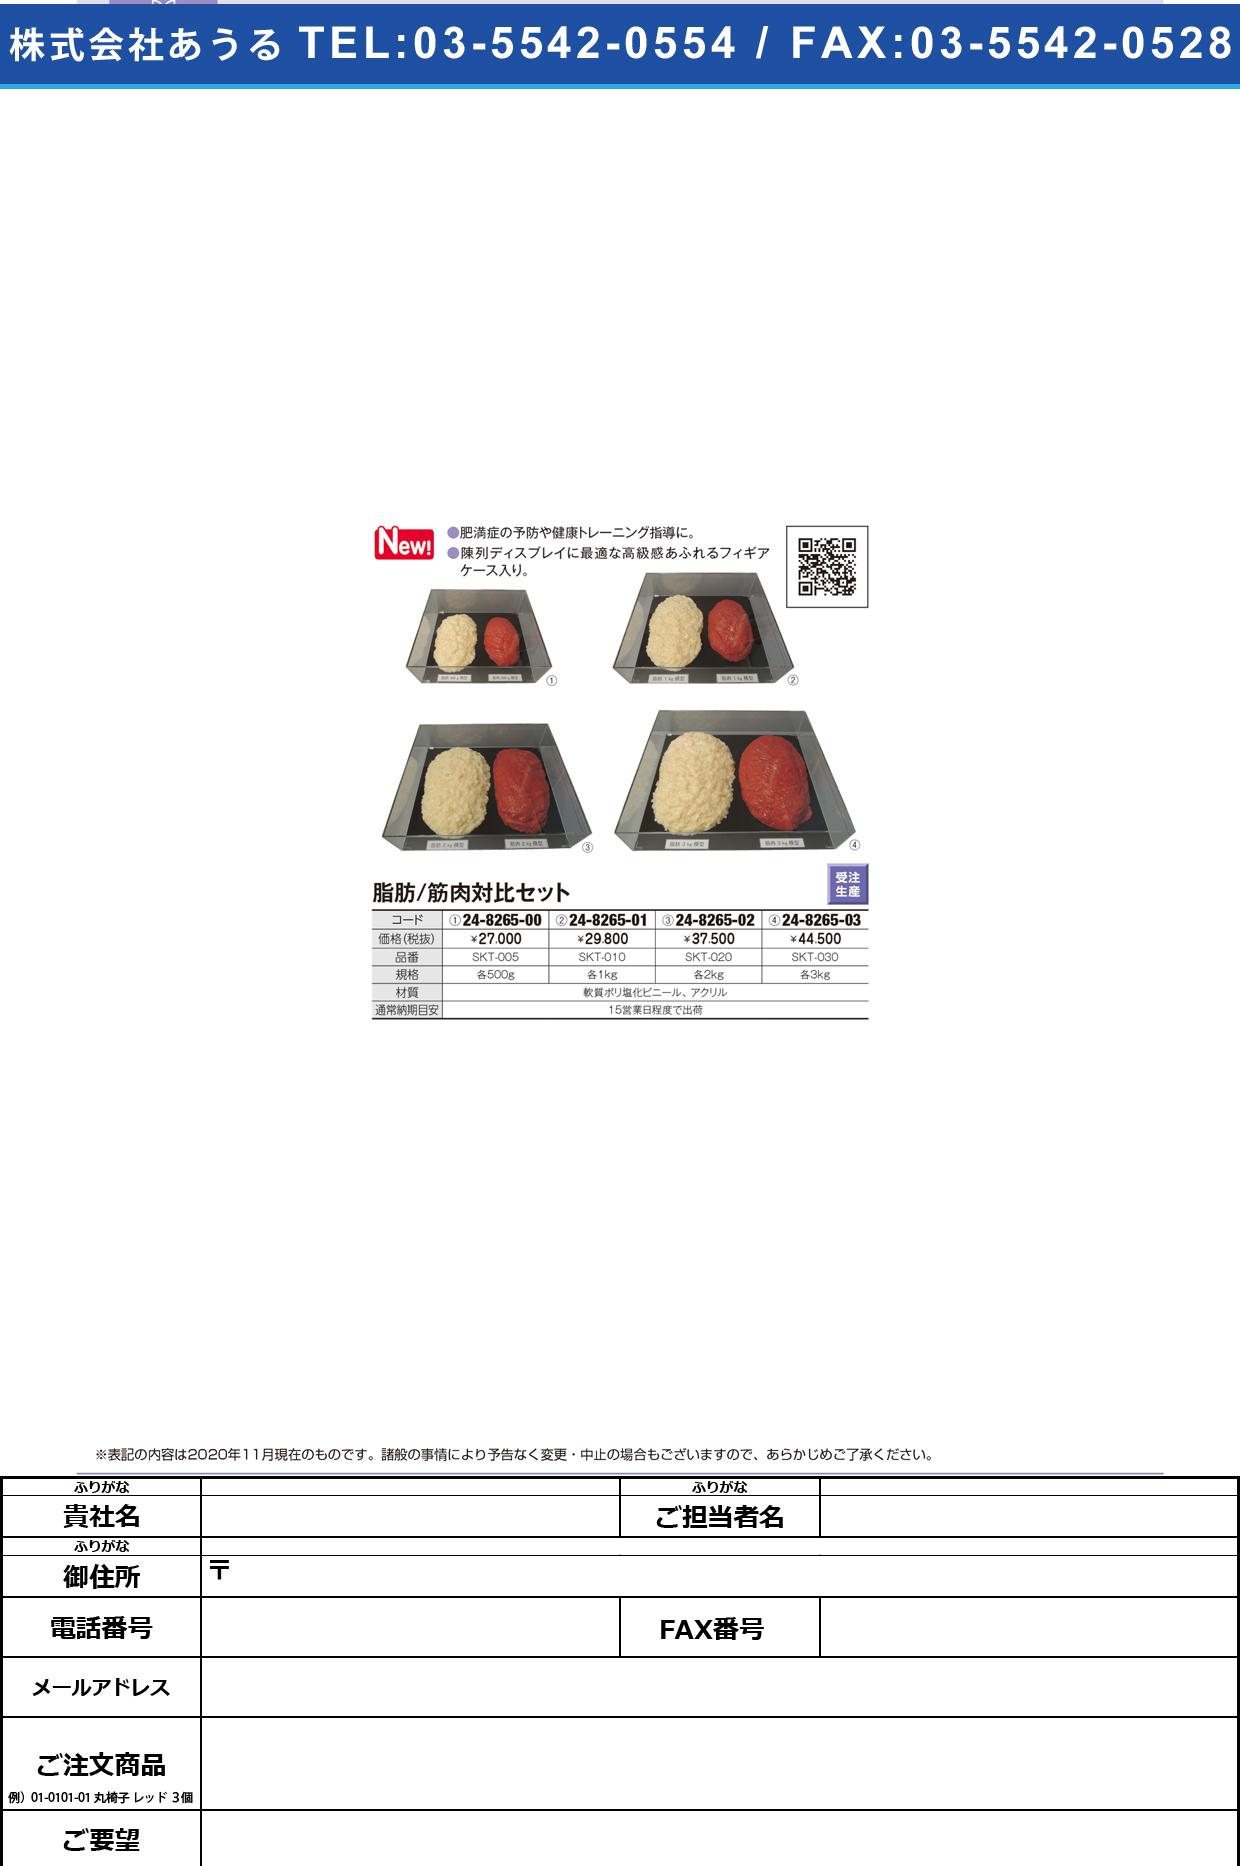 脂肪/筋肉対比セット(500g) SKT-005(アクリルケースツキ)SKT-005(アクリルケースツキ)(24-8265-00)【イワイサンプル】(販売単位:1)